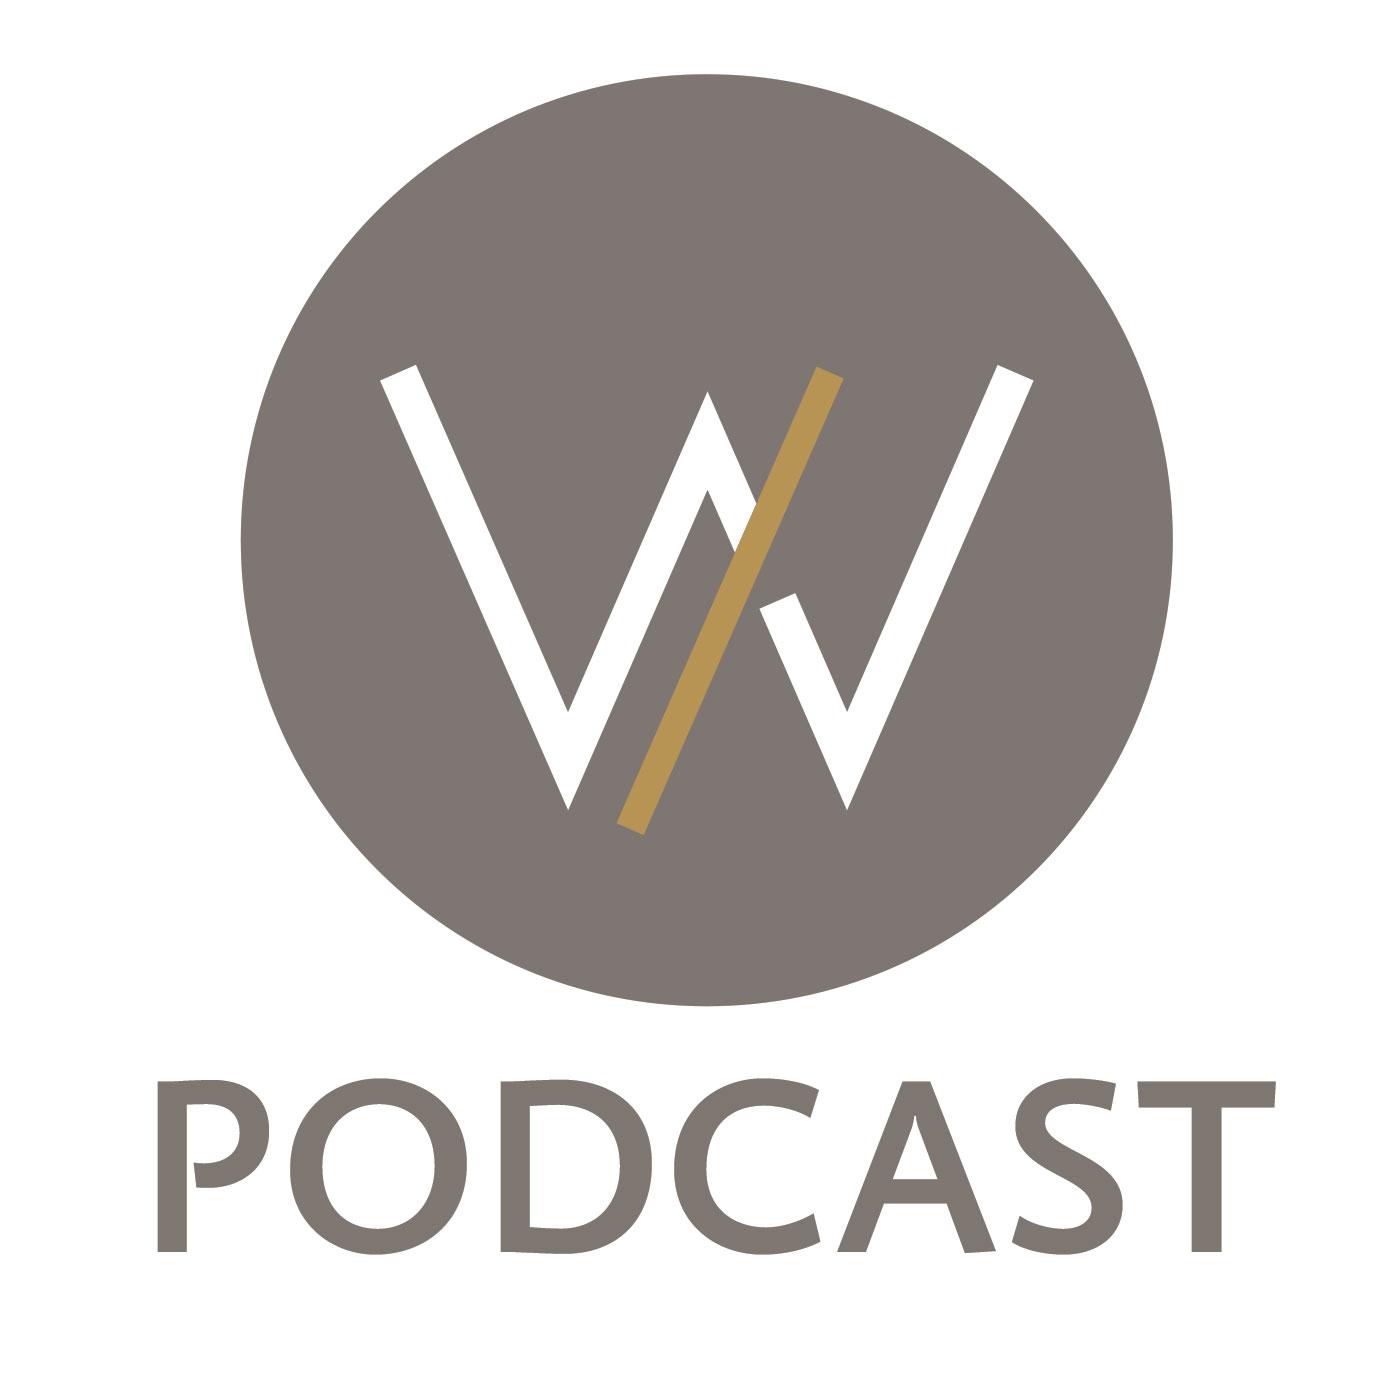 WATKINSVILLE Podcast - WATKINSVILLE FBC